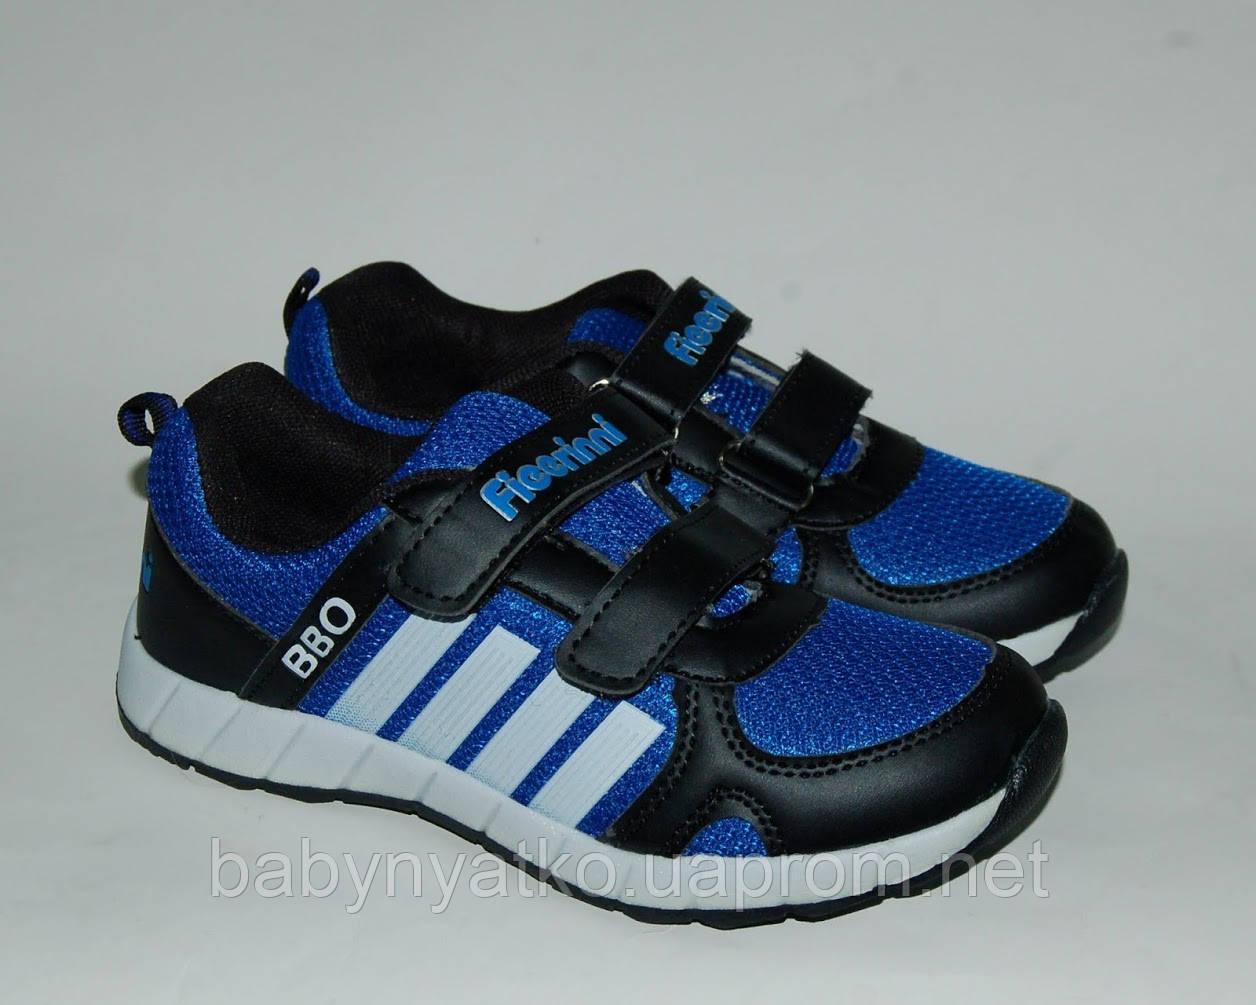 a95dc64a51a7 Кроссовки для мальчиков Fieerinni цвет сине-черный р.31-36 легкие,  выносливые, не парят